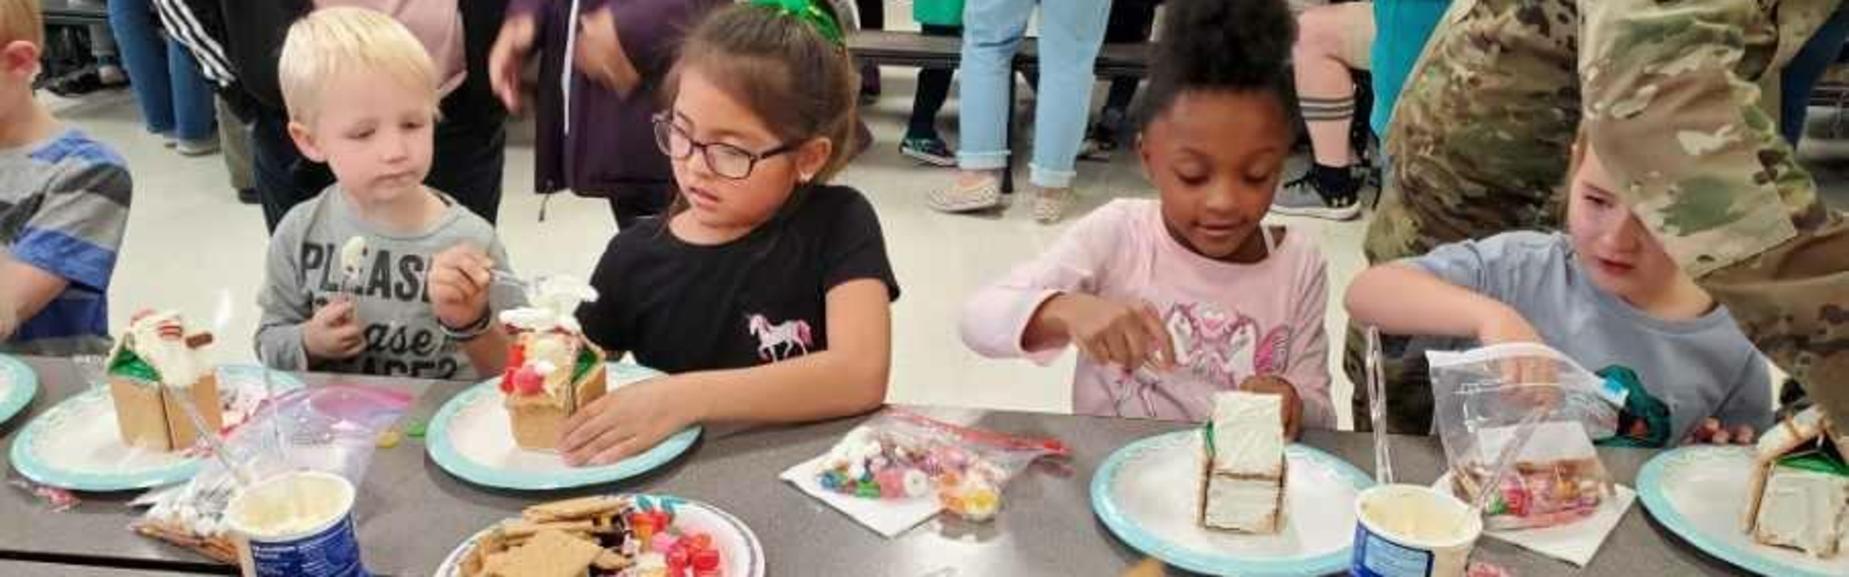 CJES Kinder Gingerbread Houses